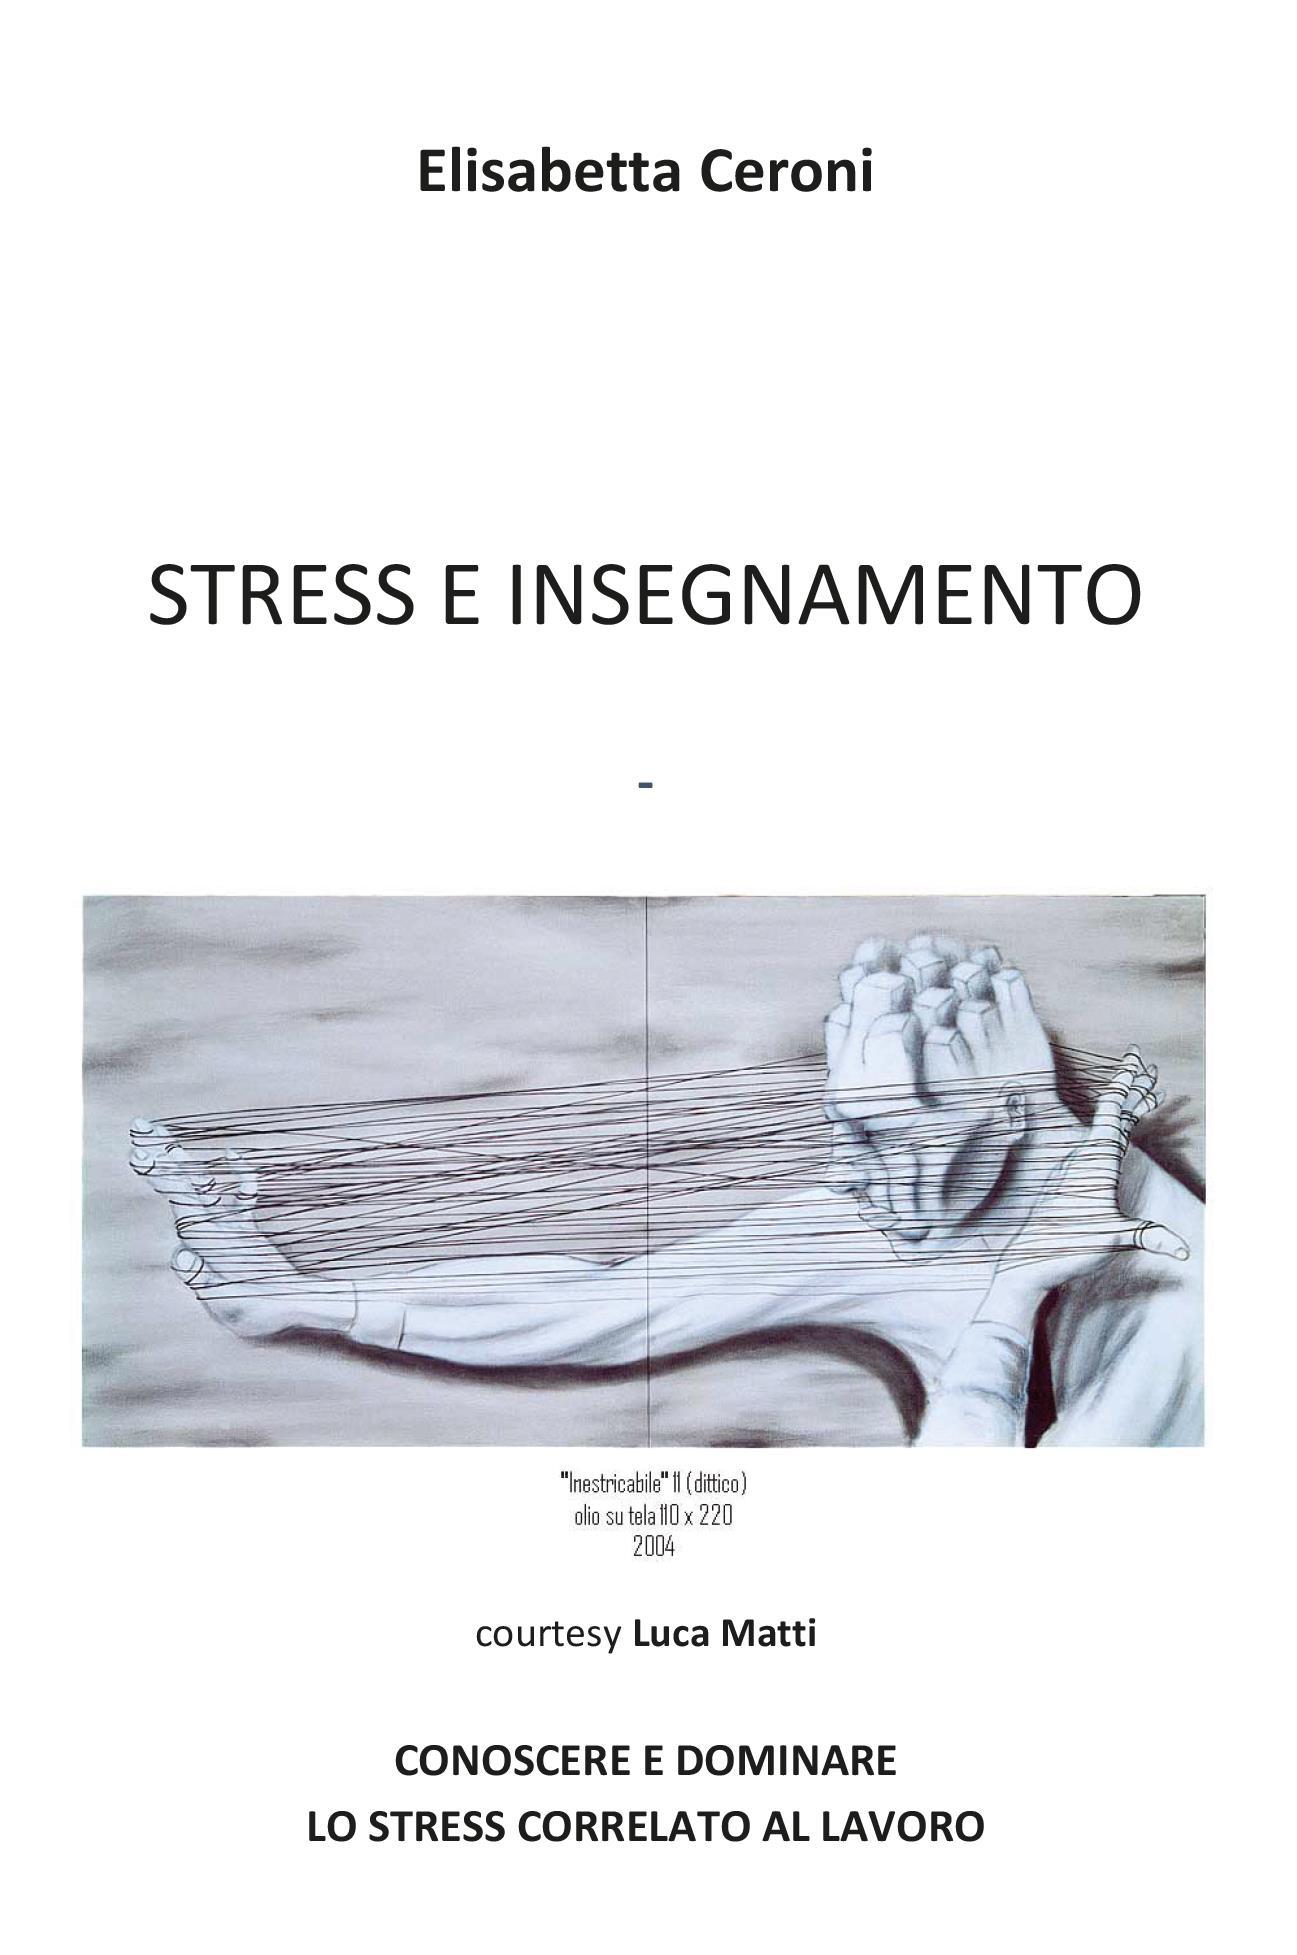 Stress e insegnamento